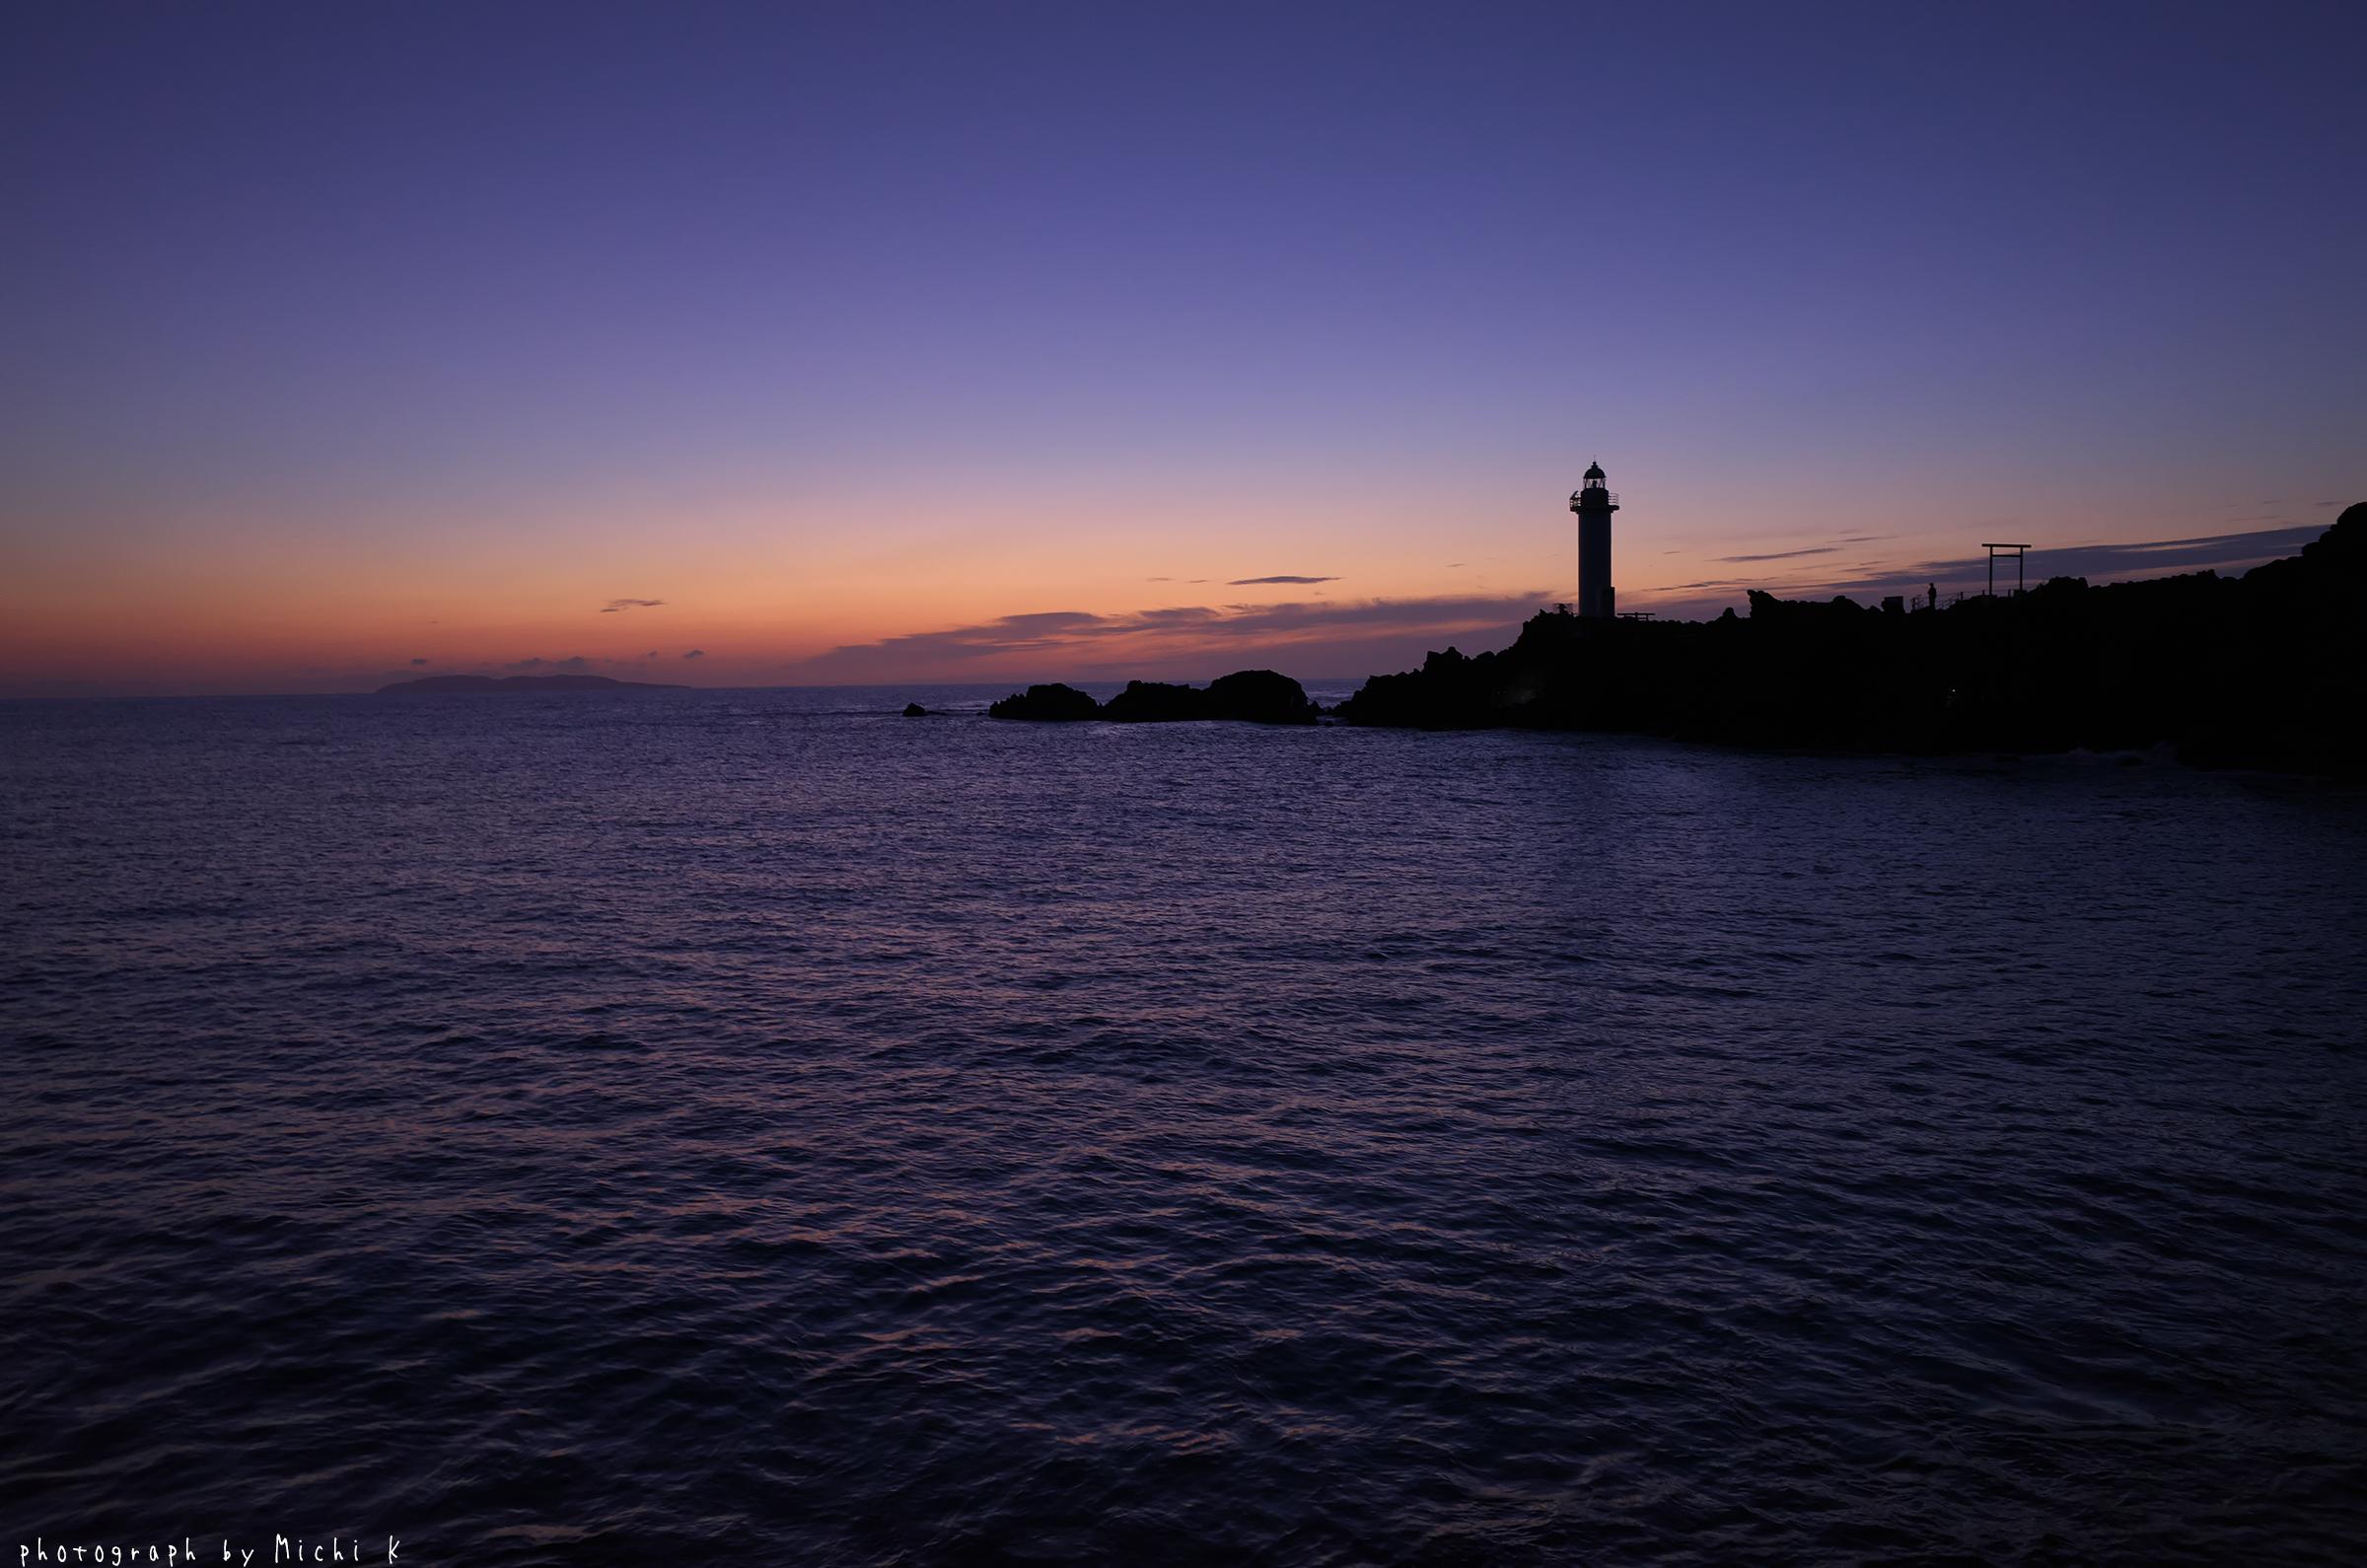 鶴岡市・鼠ヶ関灯台♯3(写真その3)